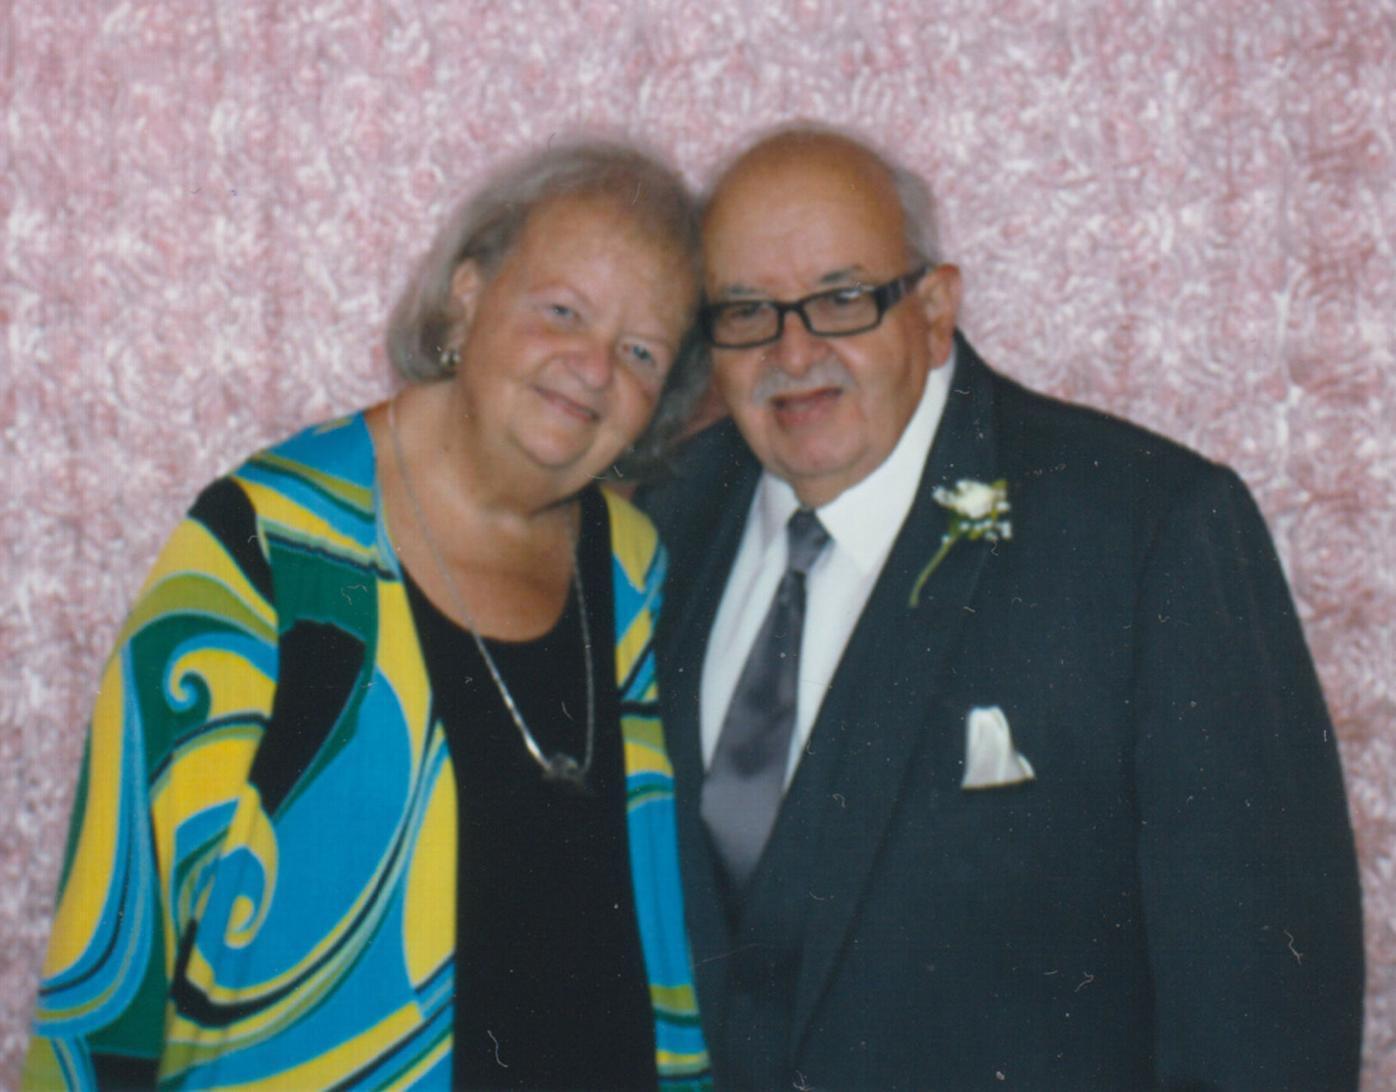 Mr. and Mrs. Jordan